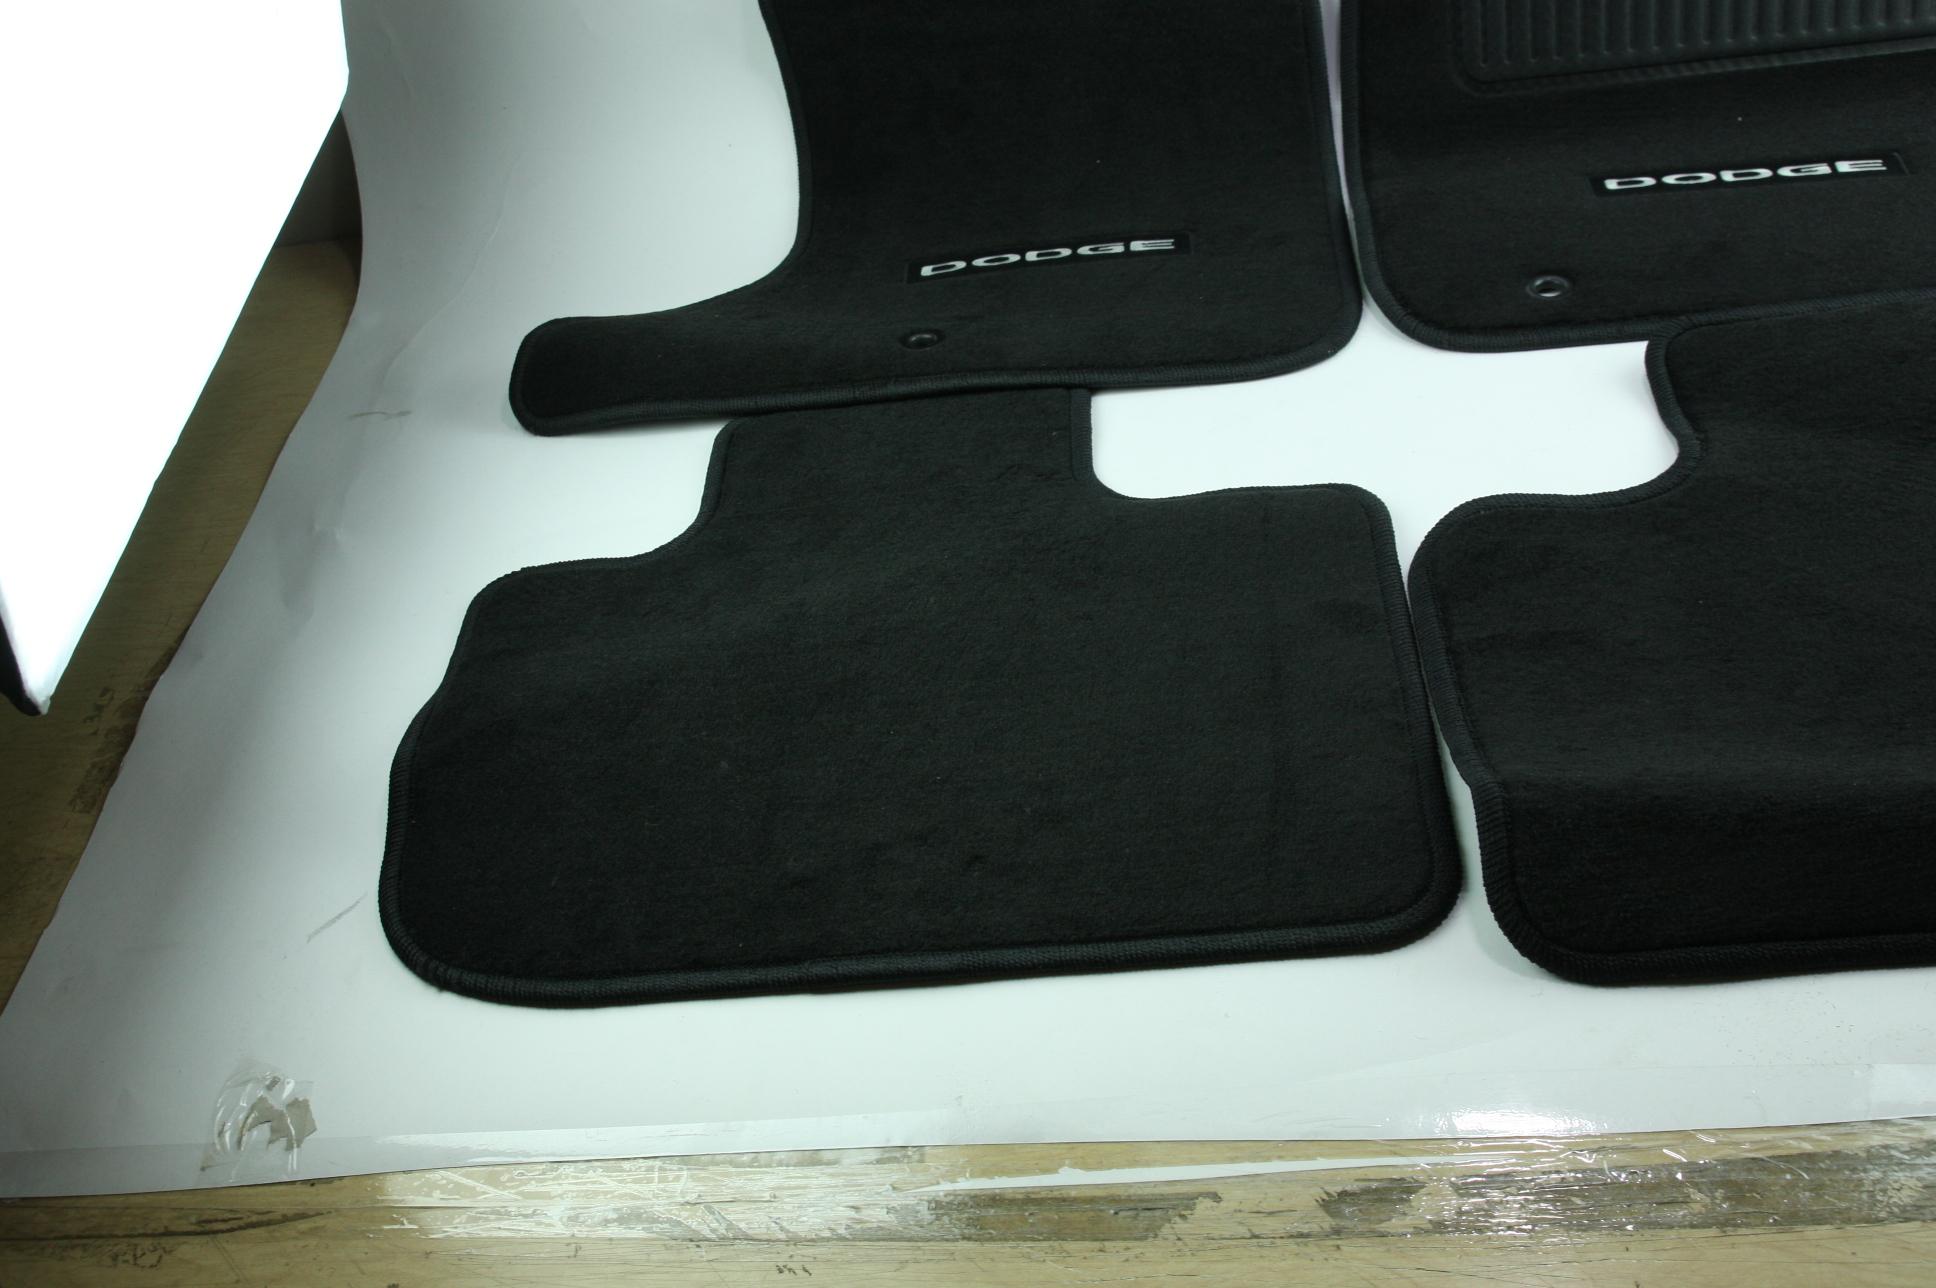 New OEM Genuine Mopar 1NL24DX9AC 11-12 Dodge Charger Mat Kit Front & Rear NIP - image 8